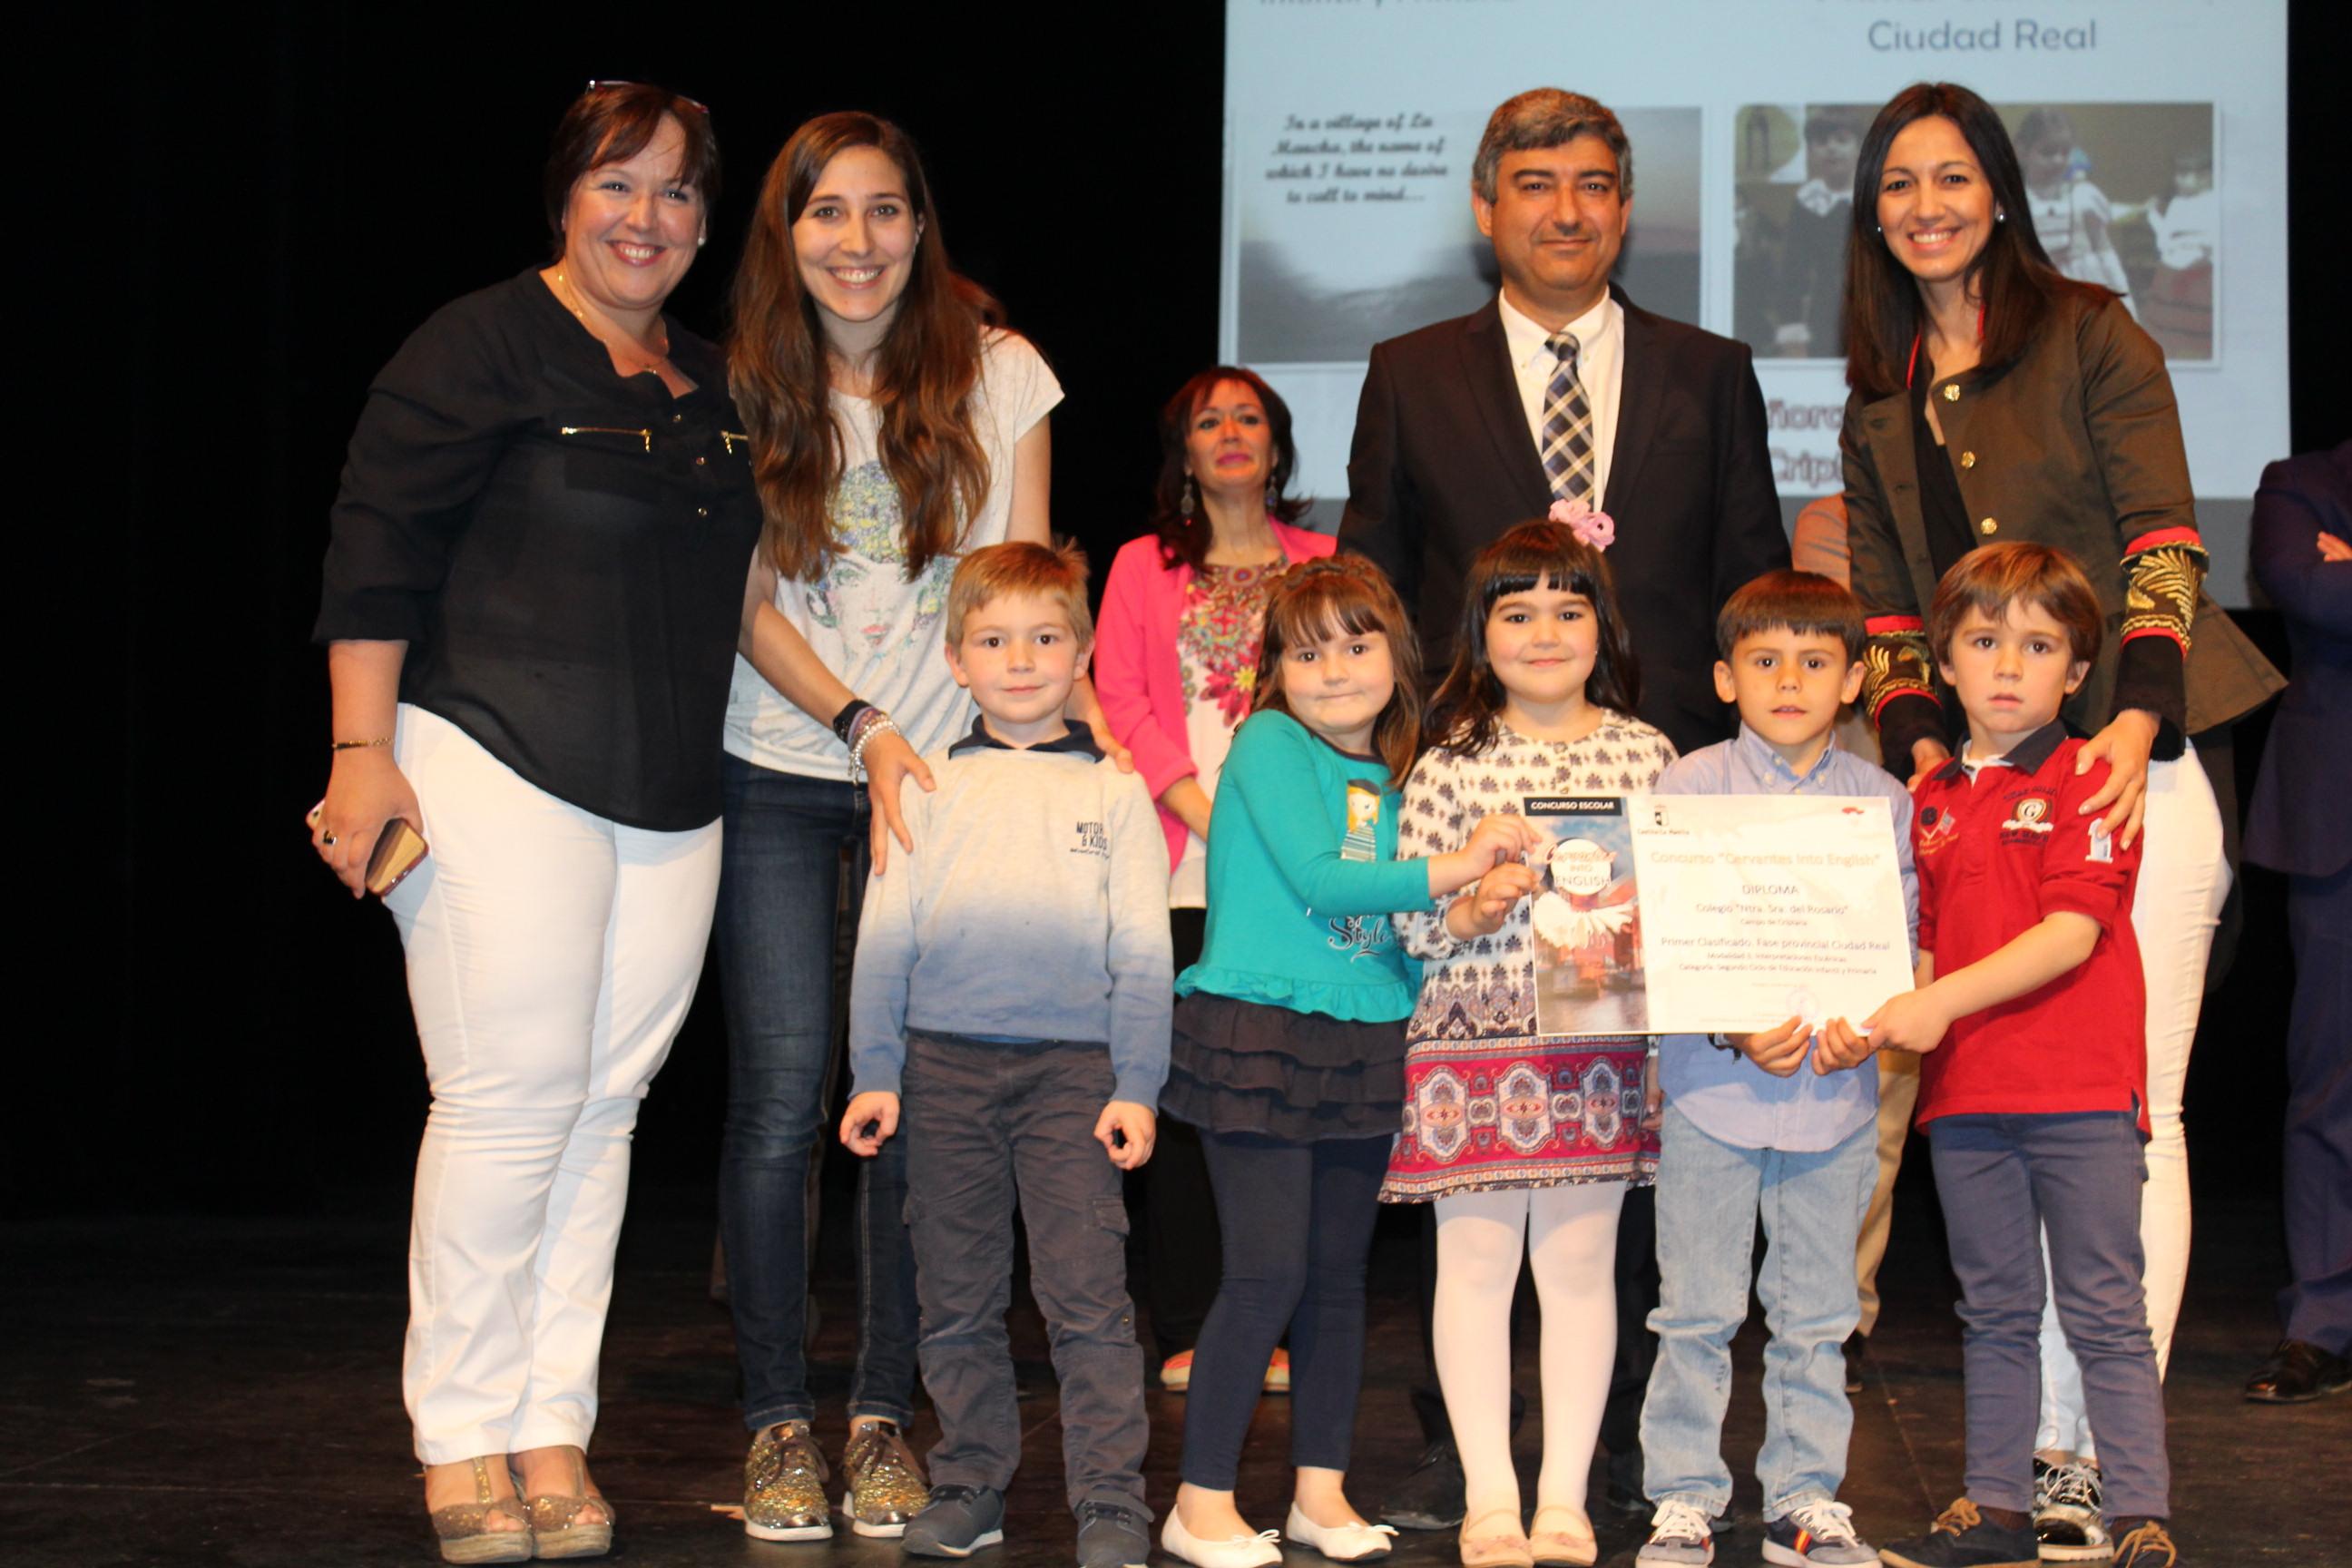 Almagro reunió a Cervantes y Shakespeare para la entrega de premios